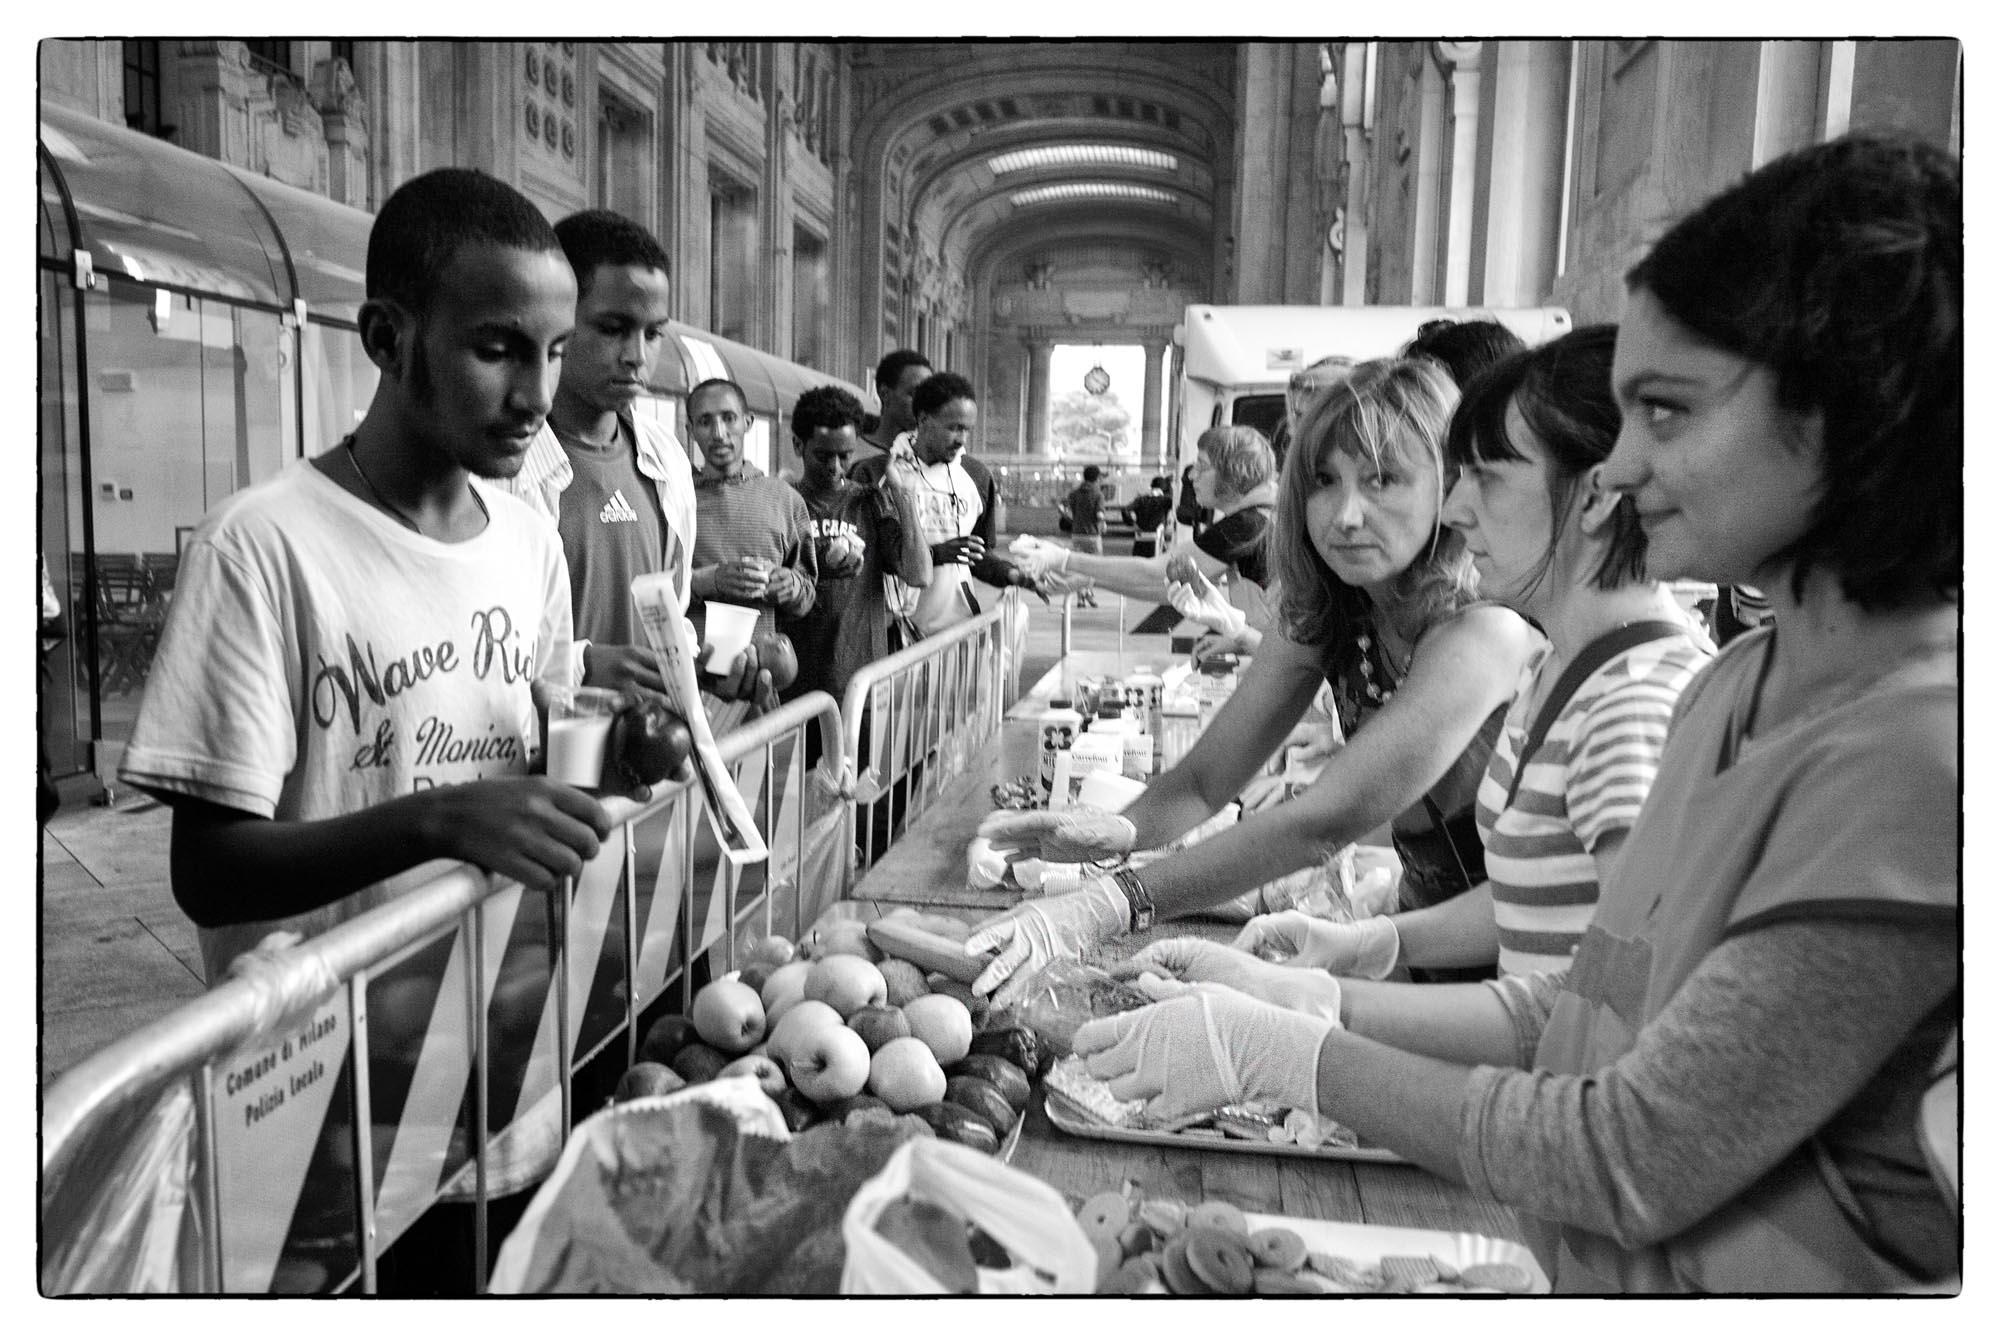 0476 Accoglienza profughi Milano 3 - Arrivo profughi a Milano